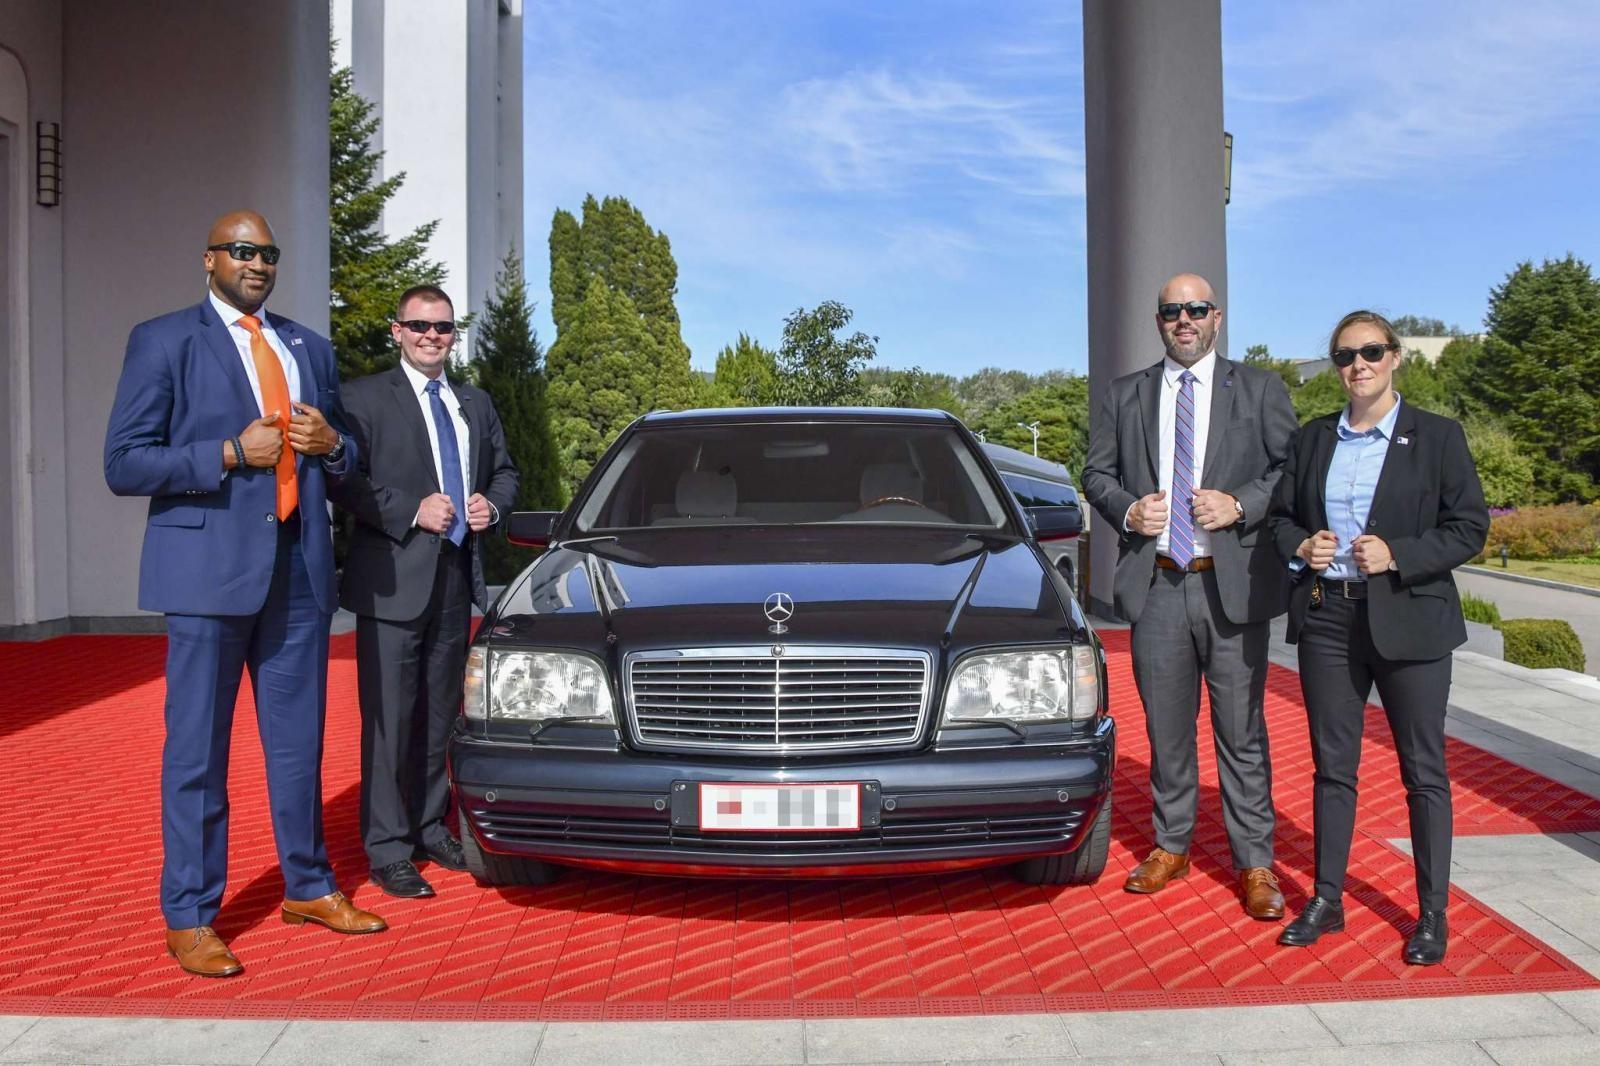 Đặc vụ của Cục An ninh Ngoại giao vây quanh chiếc Mercedes-Benz S600 đời sâu được dùng để chở Ngoại trưởng Mỹ Mike Pompeo trong cuộc gặp ông Kim tại Bình Nhưỡng